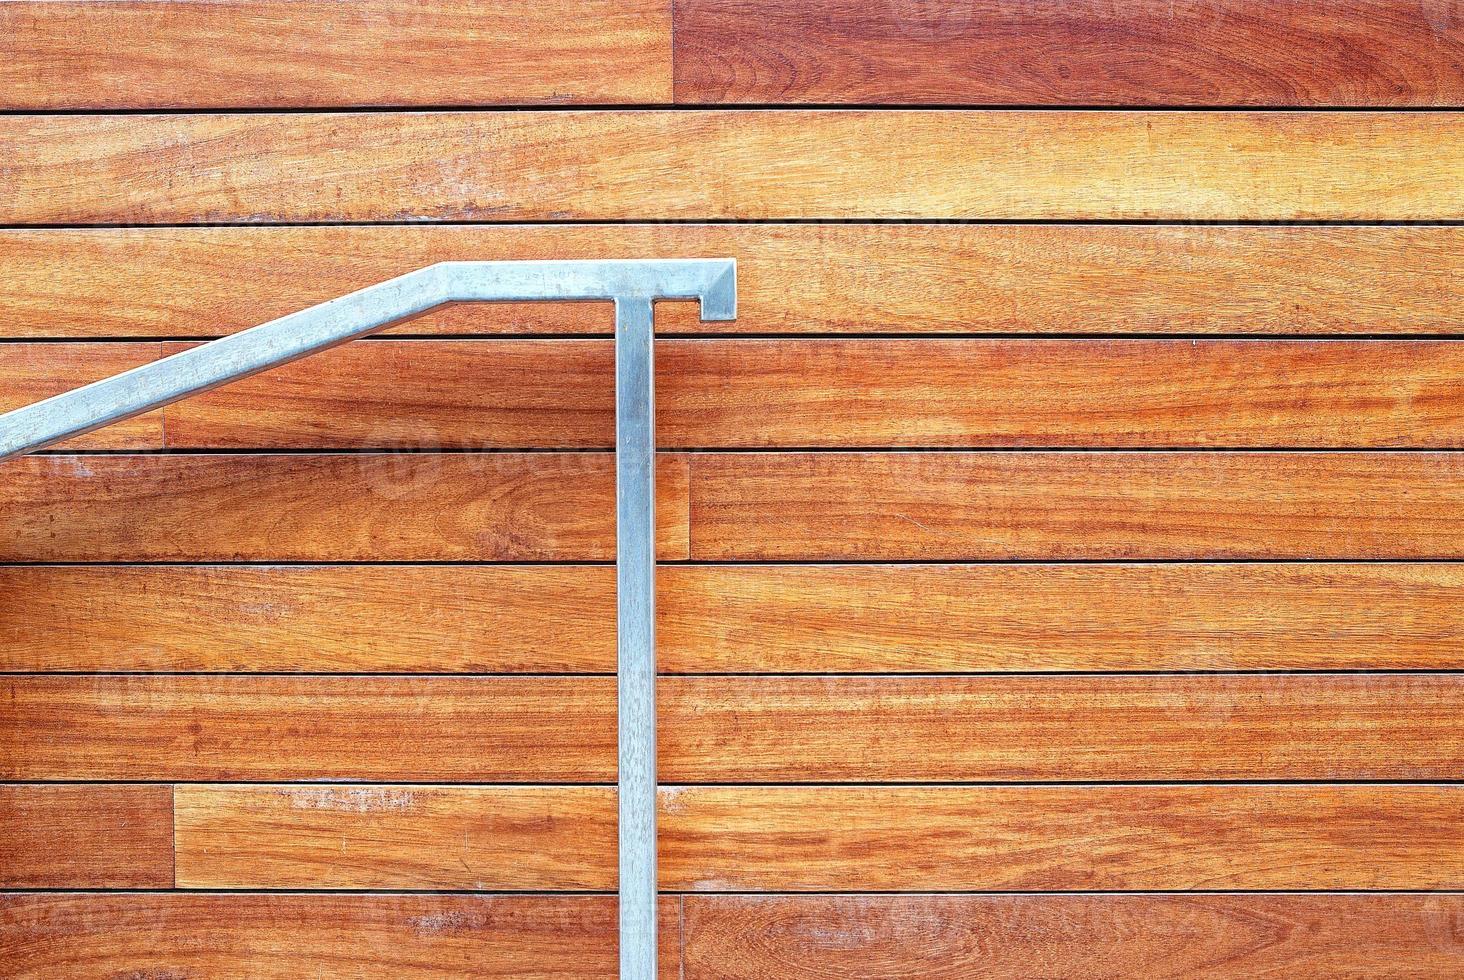 corrimão de metal em fachadas de fundo de madeira foto